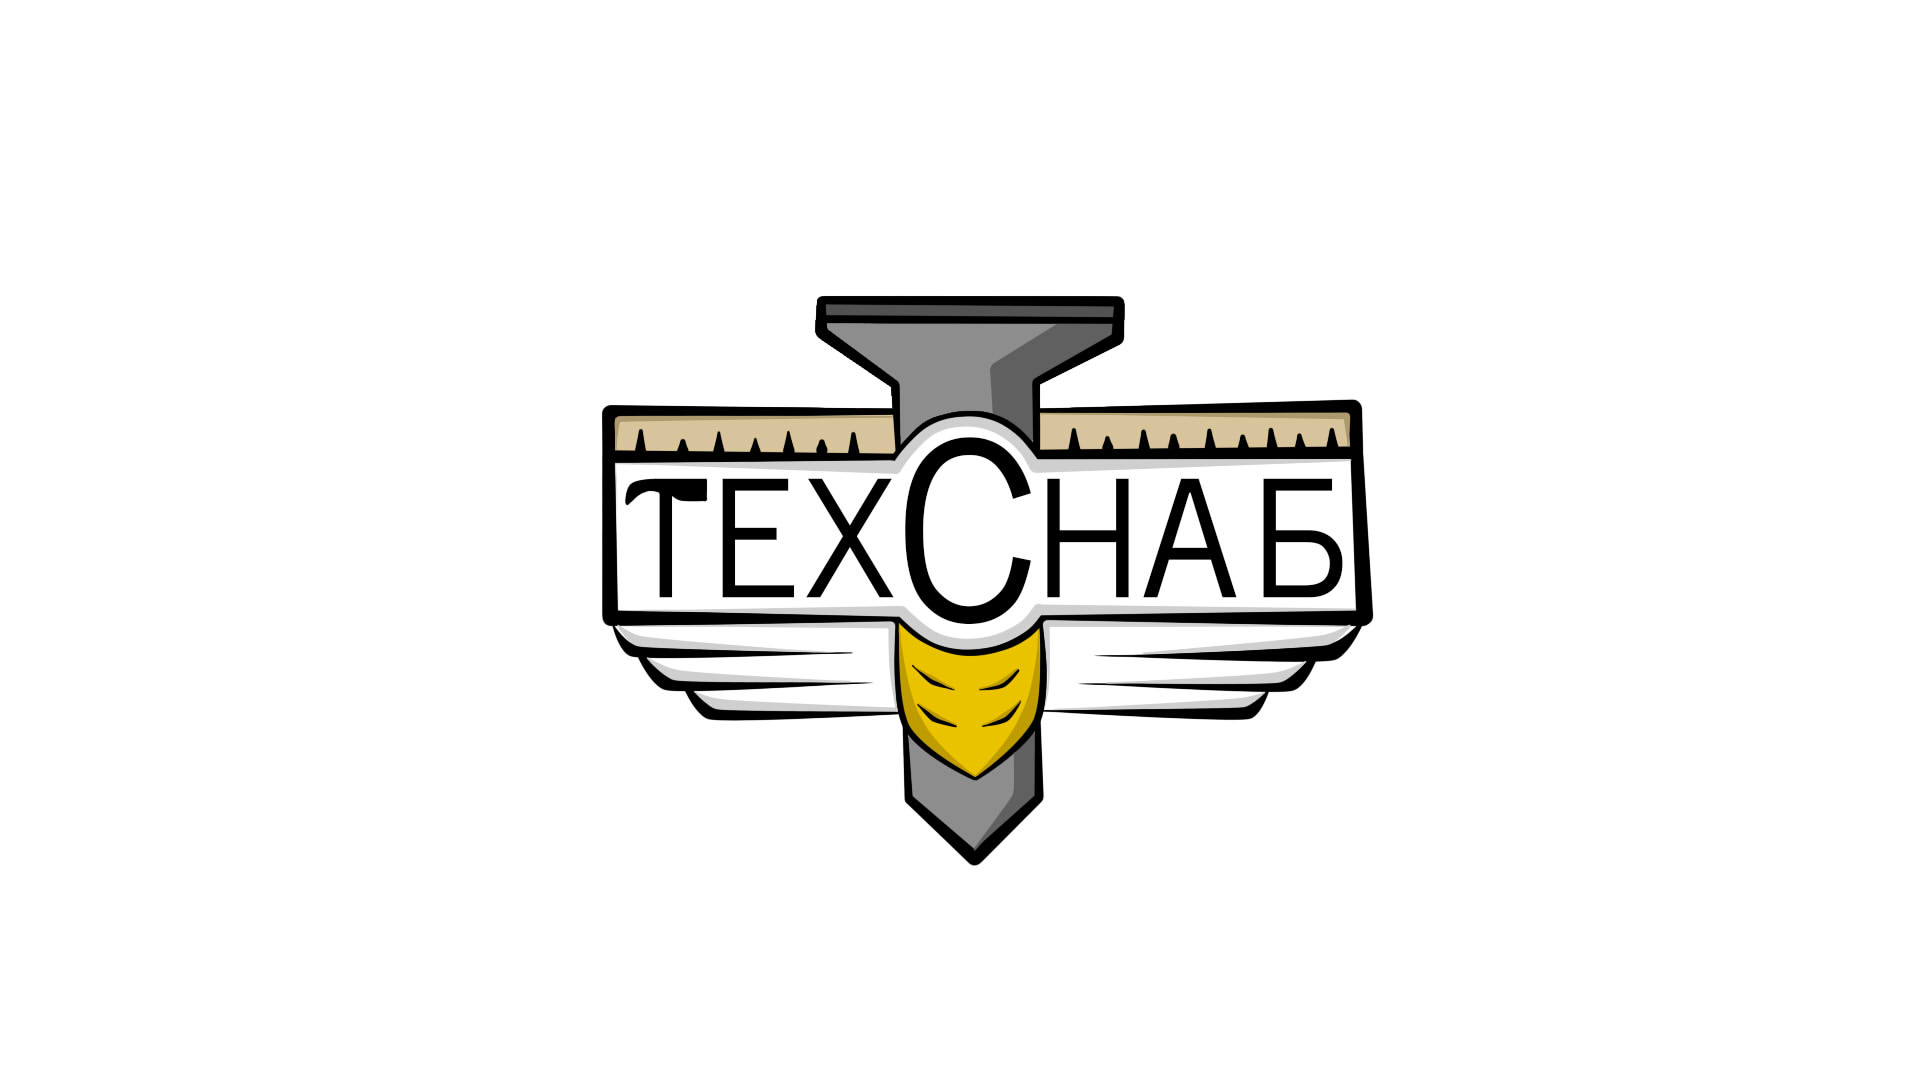 Разработка логотипа и фирм. стиля компании  ТЕХСНАБ фото f_6895b1eeded9b7a1.jpg